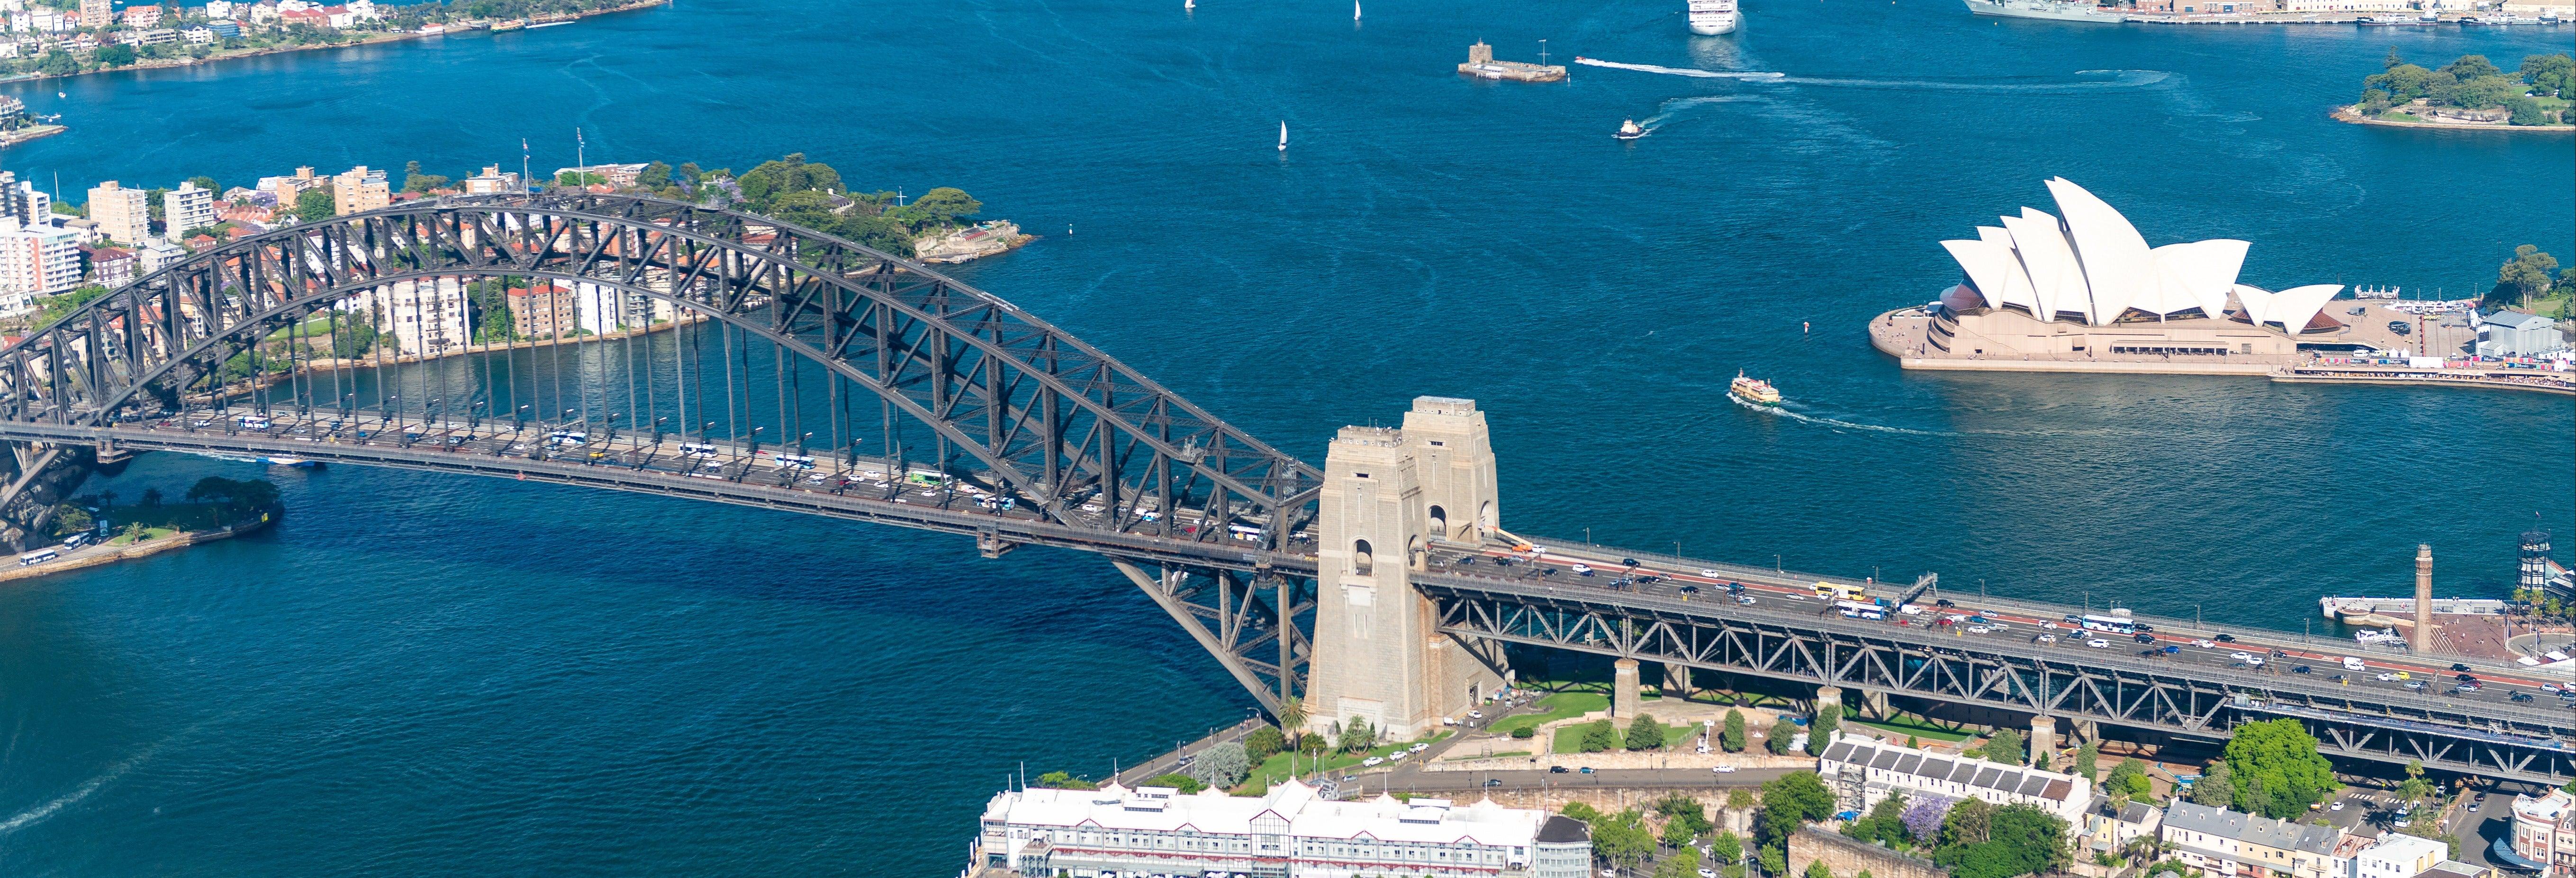 Balade en hélicoptère au-dessus de Sydney